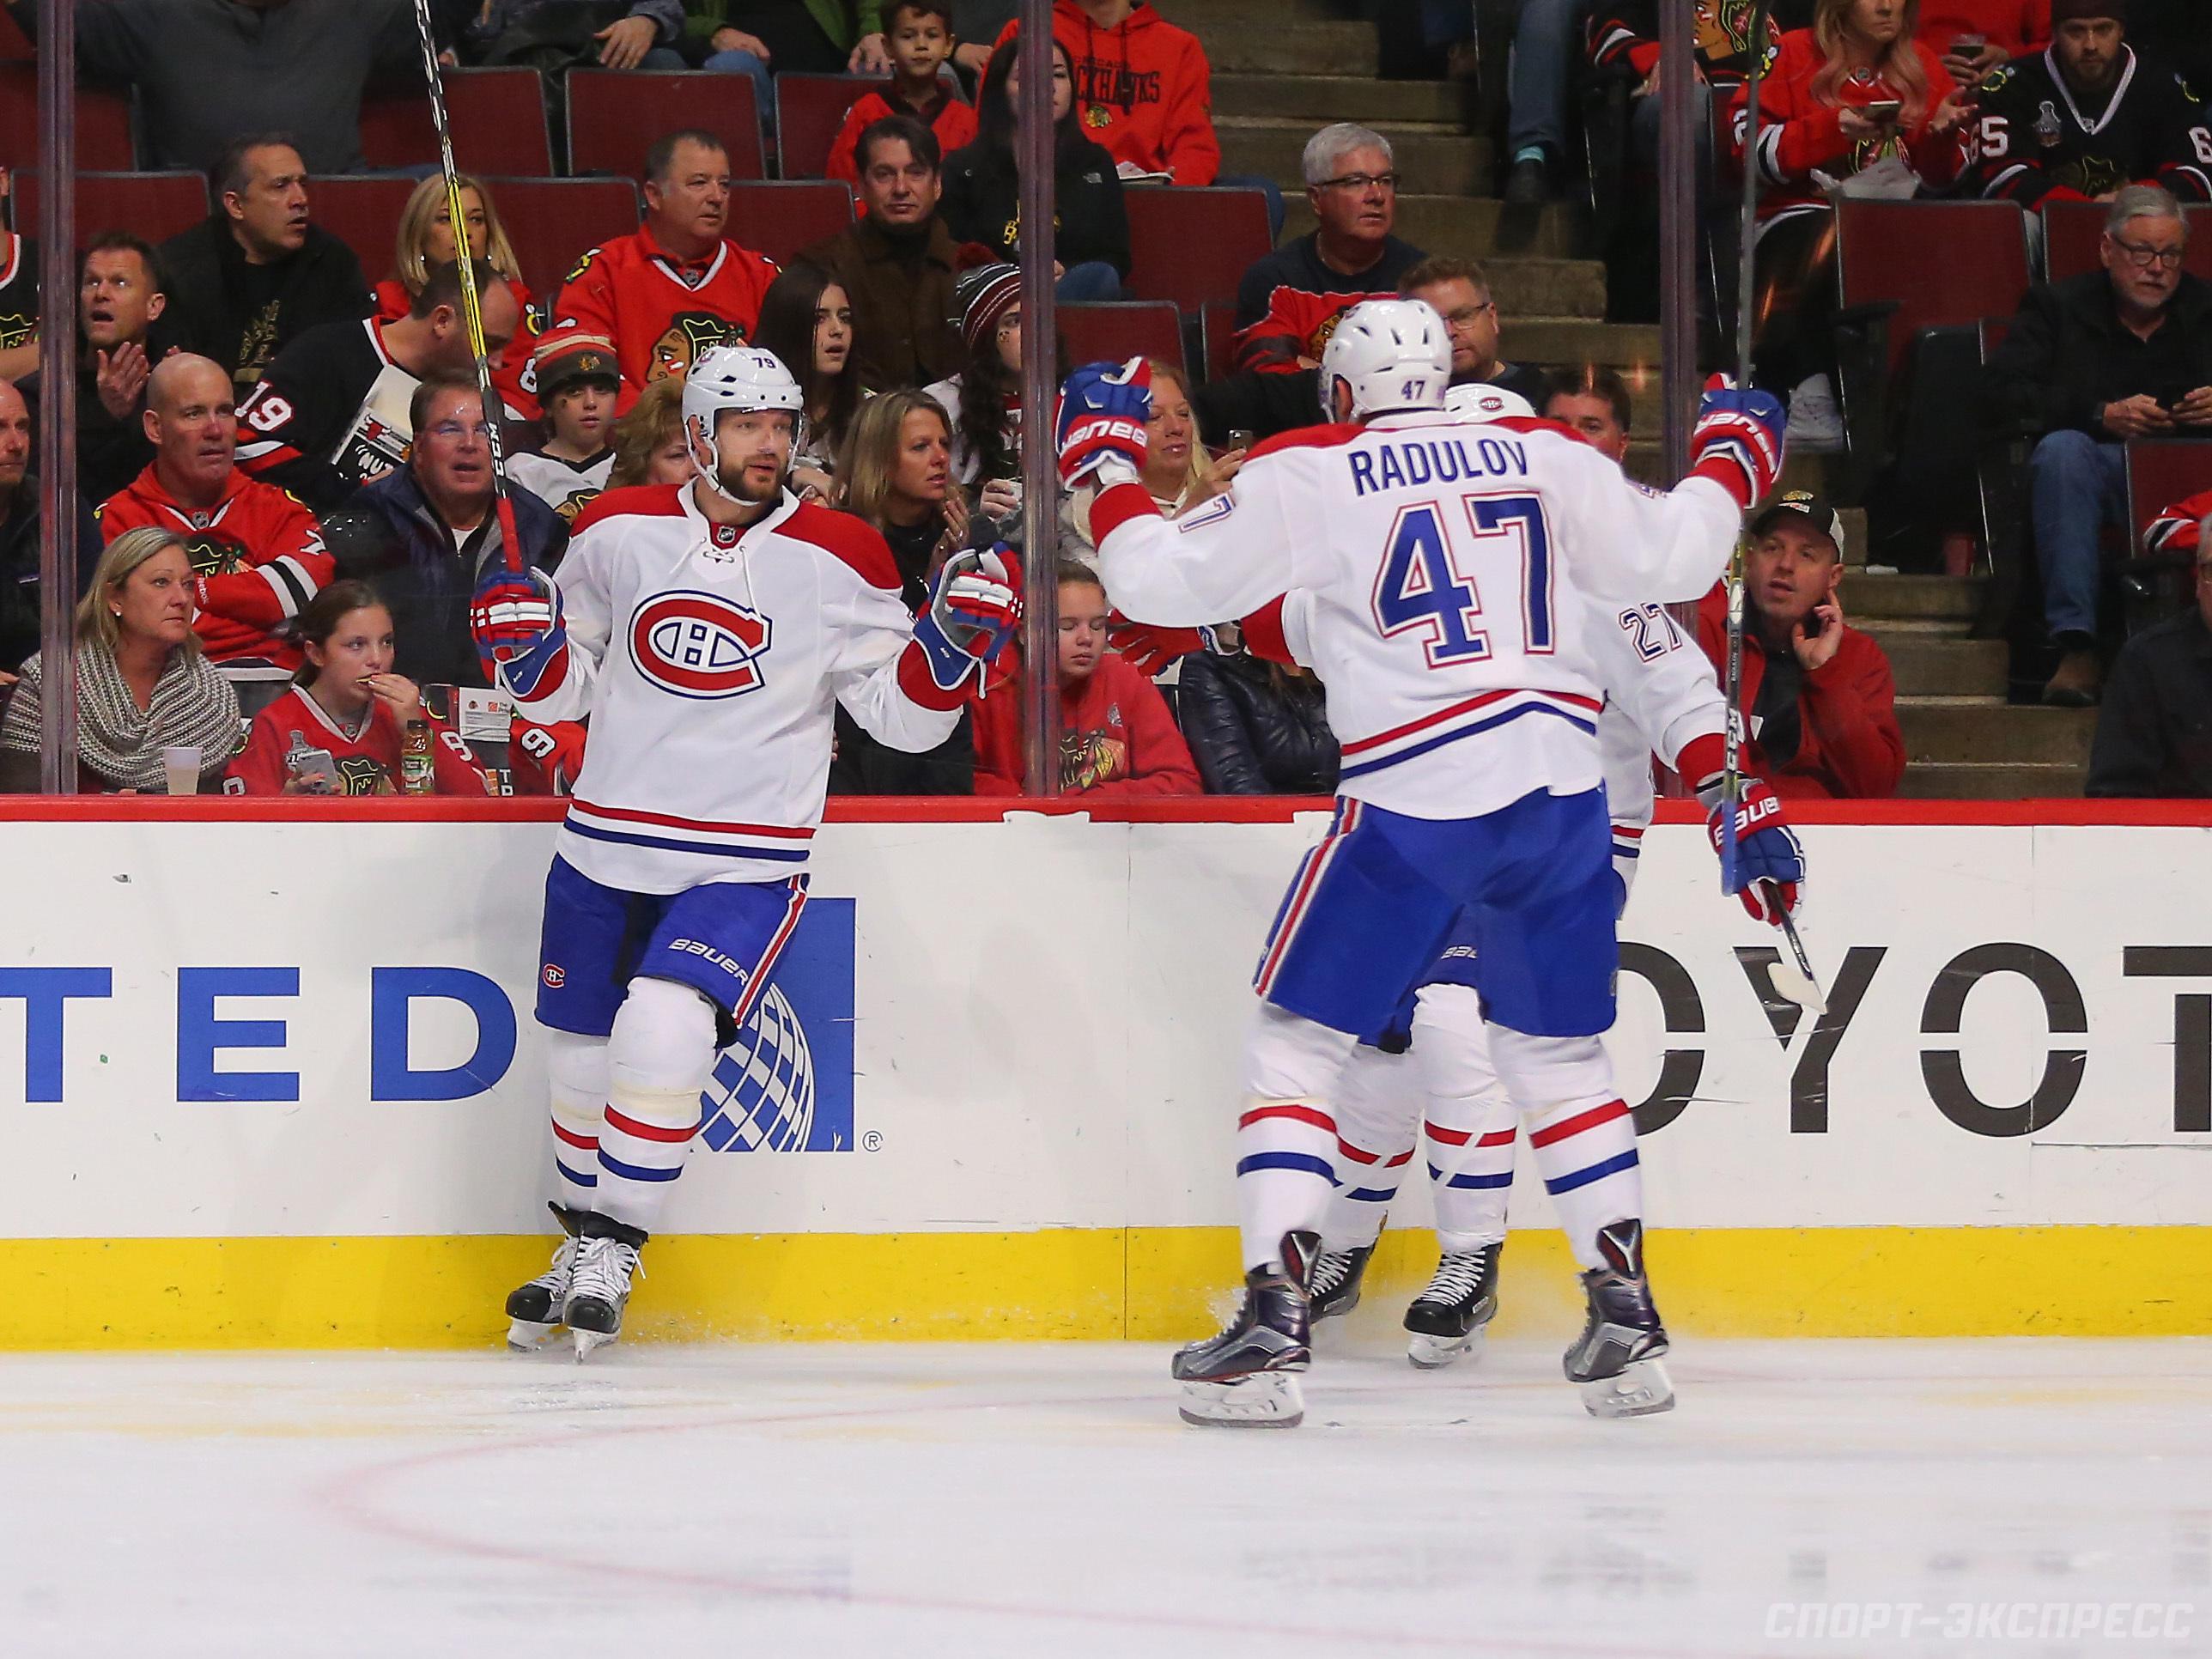 Сможет ли Монреаль обыграть Вашингтон На что делать ставки на НХЛ 1 Ноября 2018